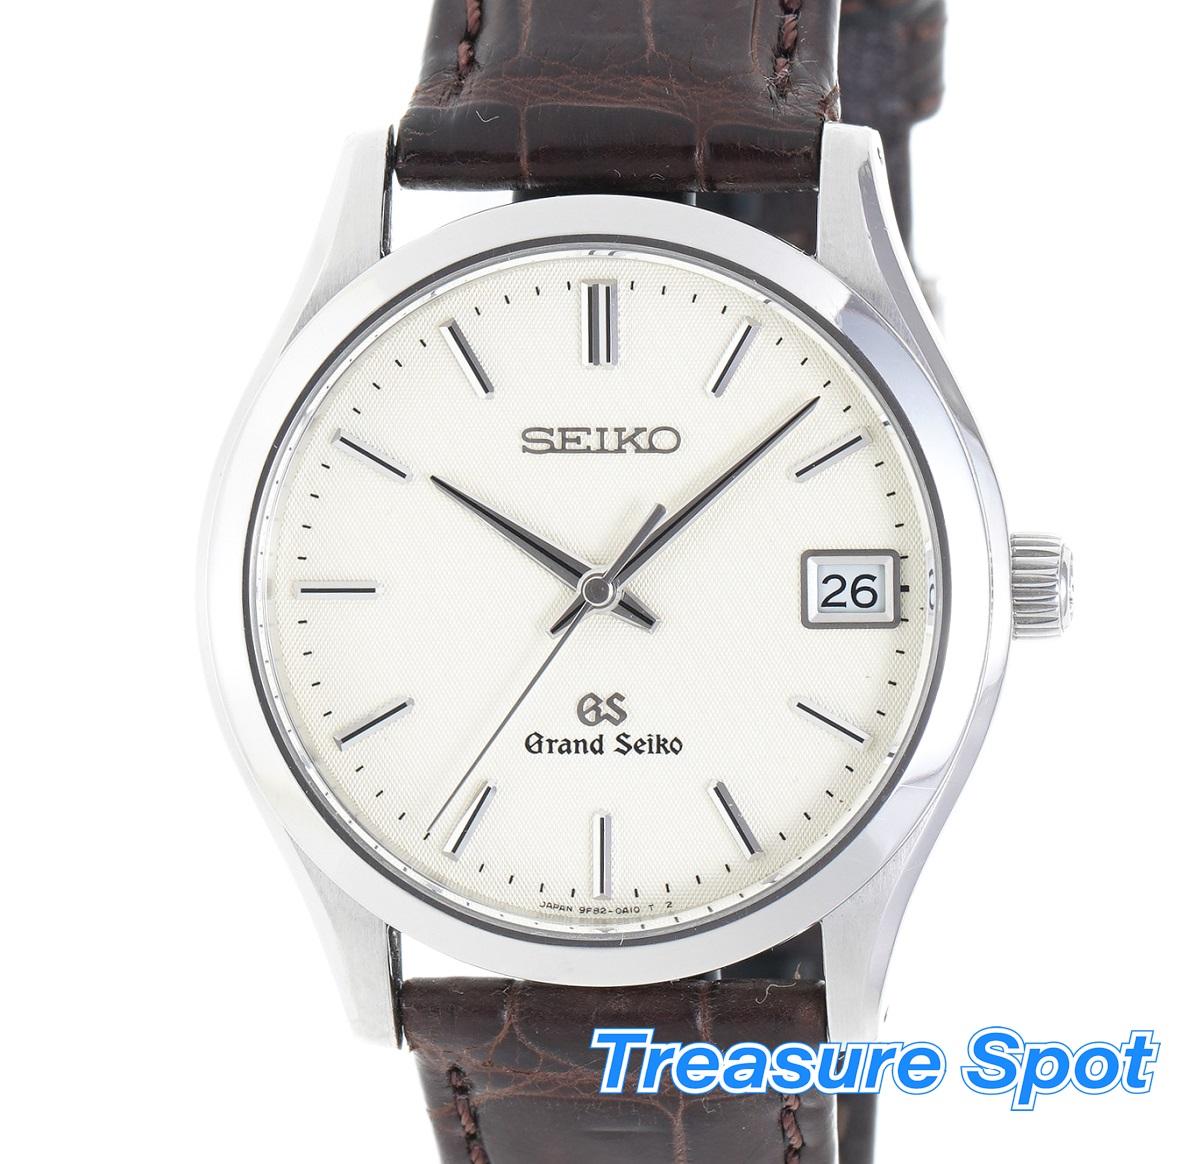 グランドセイコー SEIKO 9Sクォーツ 9F82-0A10 腕時計 Qz SS メンズ 腕時計 送料無料【トレジャースポット】【中古】